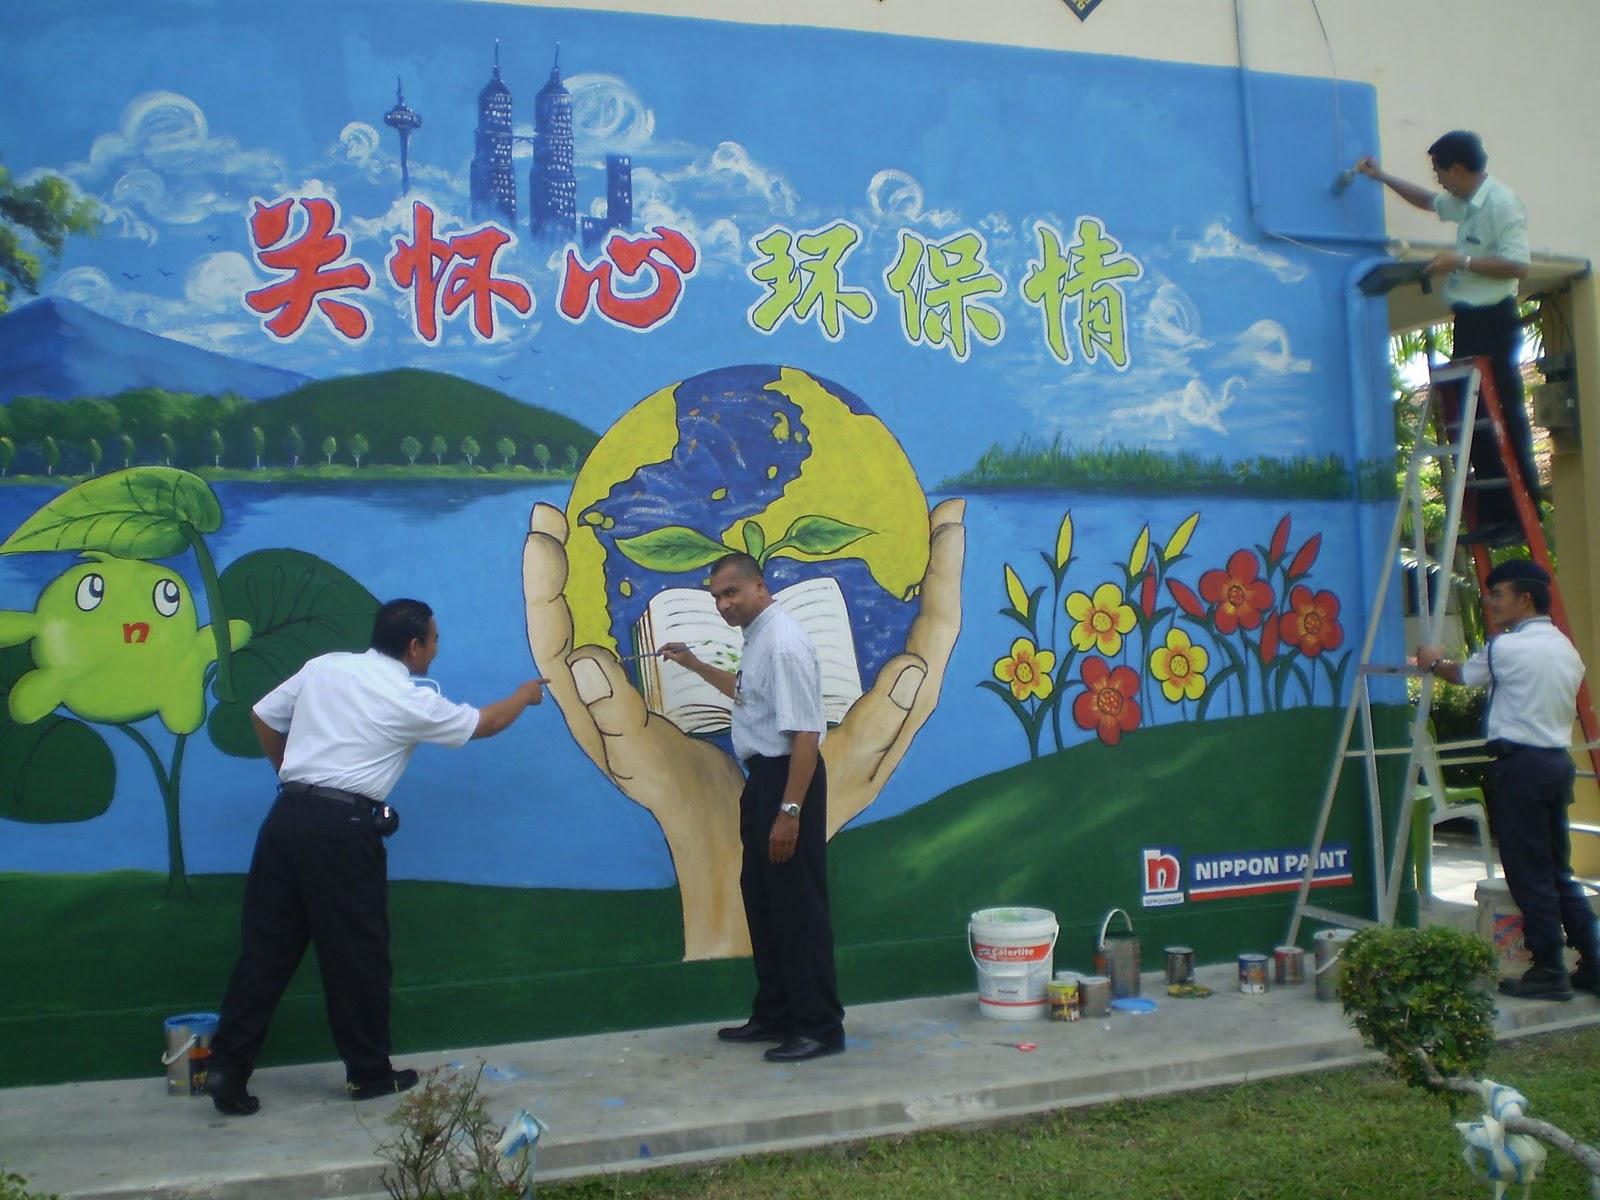 Sjk c uk dih aktiviti melukis mural sekolah for Mural sekolah